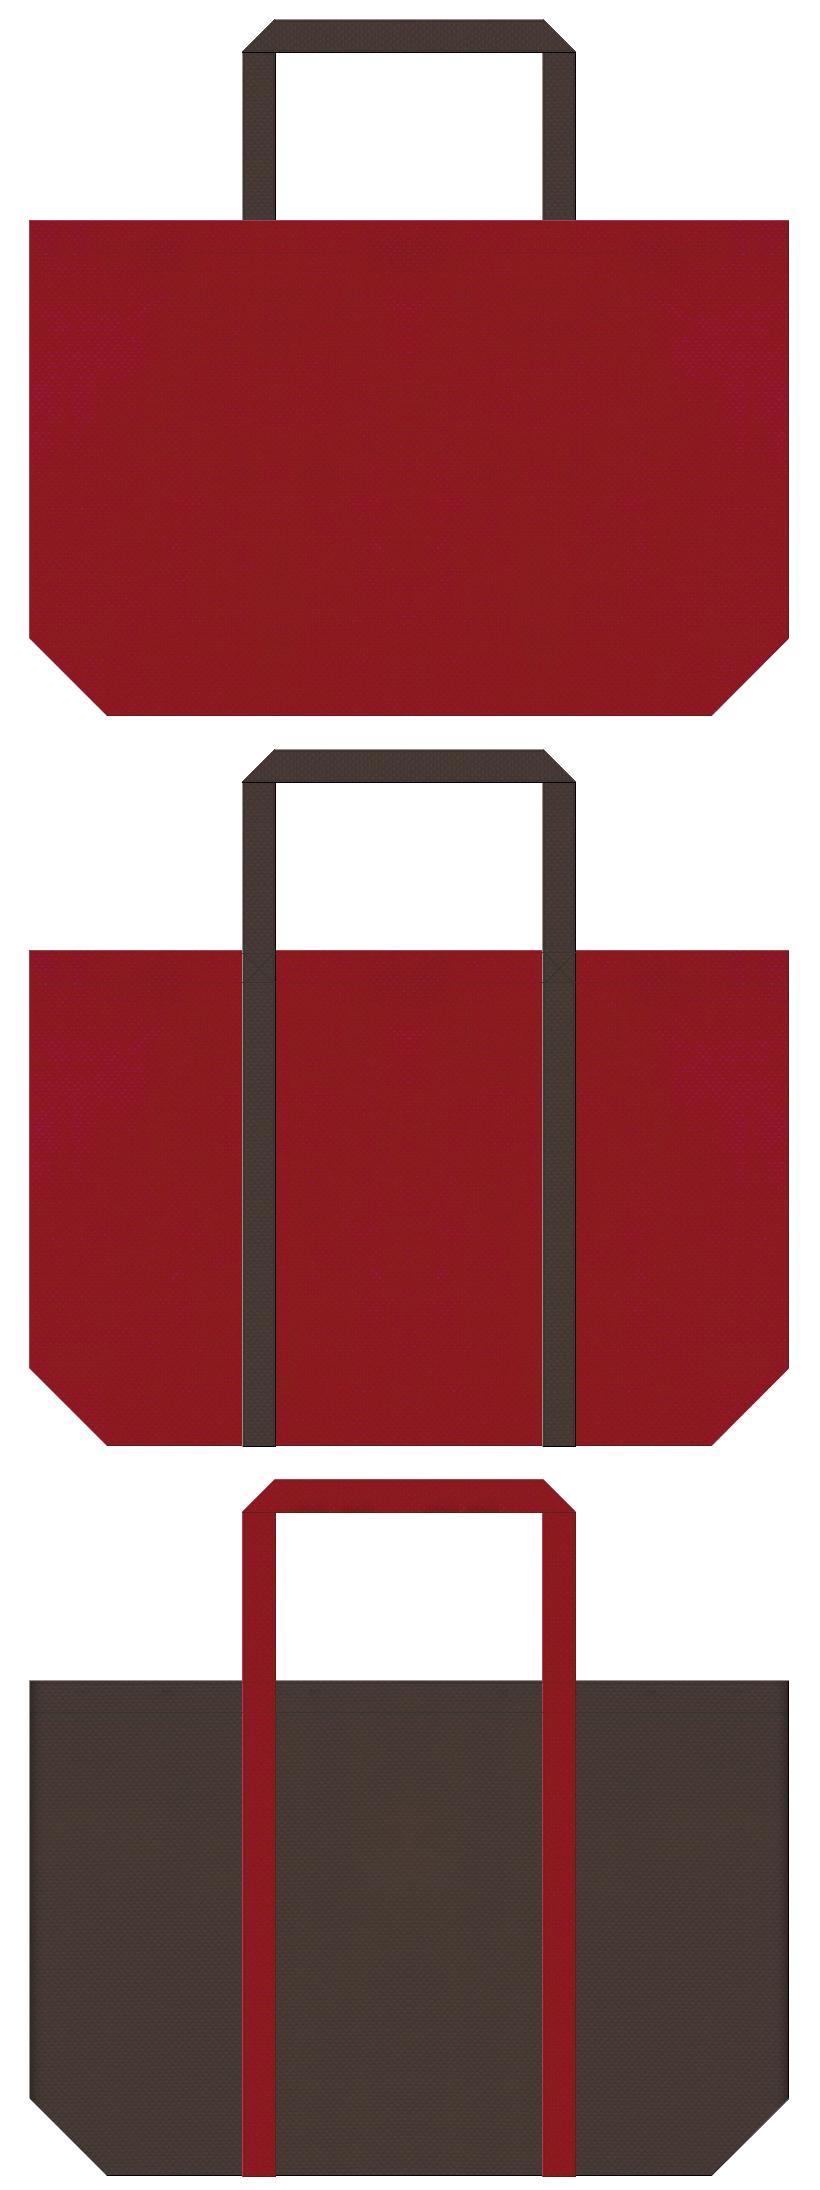 エンジ色とこげ茶色の不織布ショッピングバッグのデザイン。和雑貨のショッピングバッグ・福袋・和装クリーニングのバッグにお奨めの配色です。